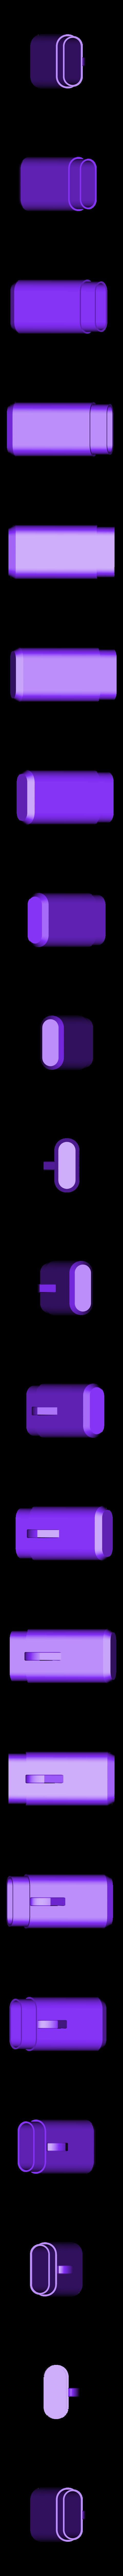 pjholder.stl Télécharger fichier STL gratuit Support de batterie pour jus de poche • Design imprimable en 3D, ChrisBobo